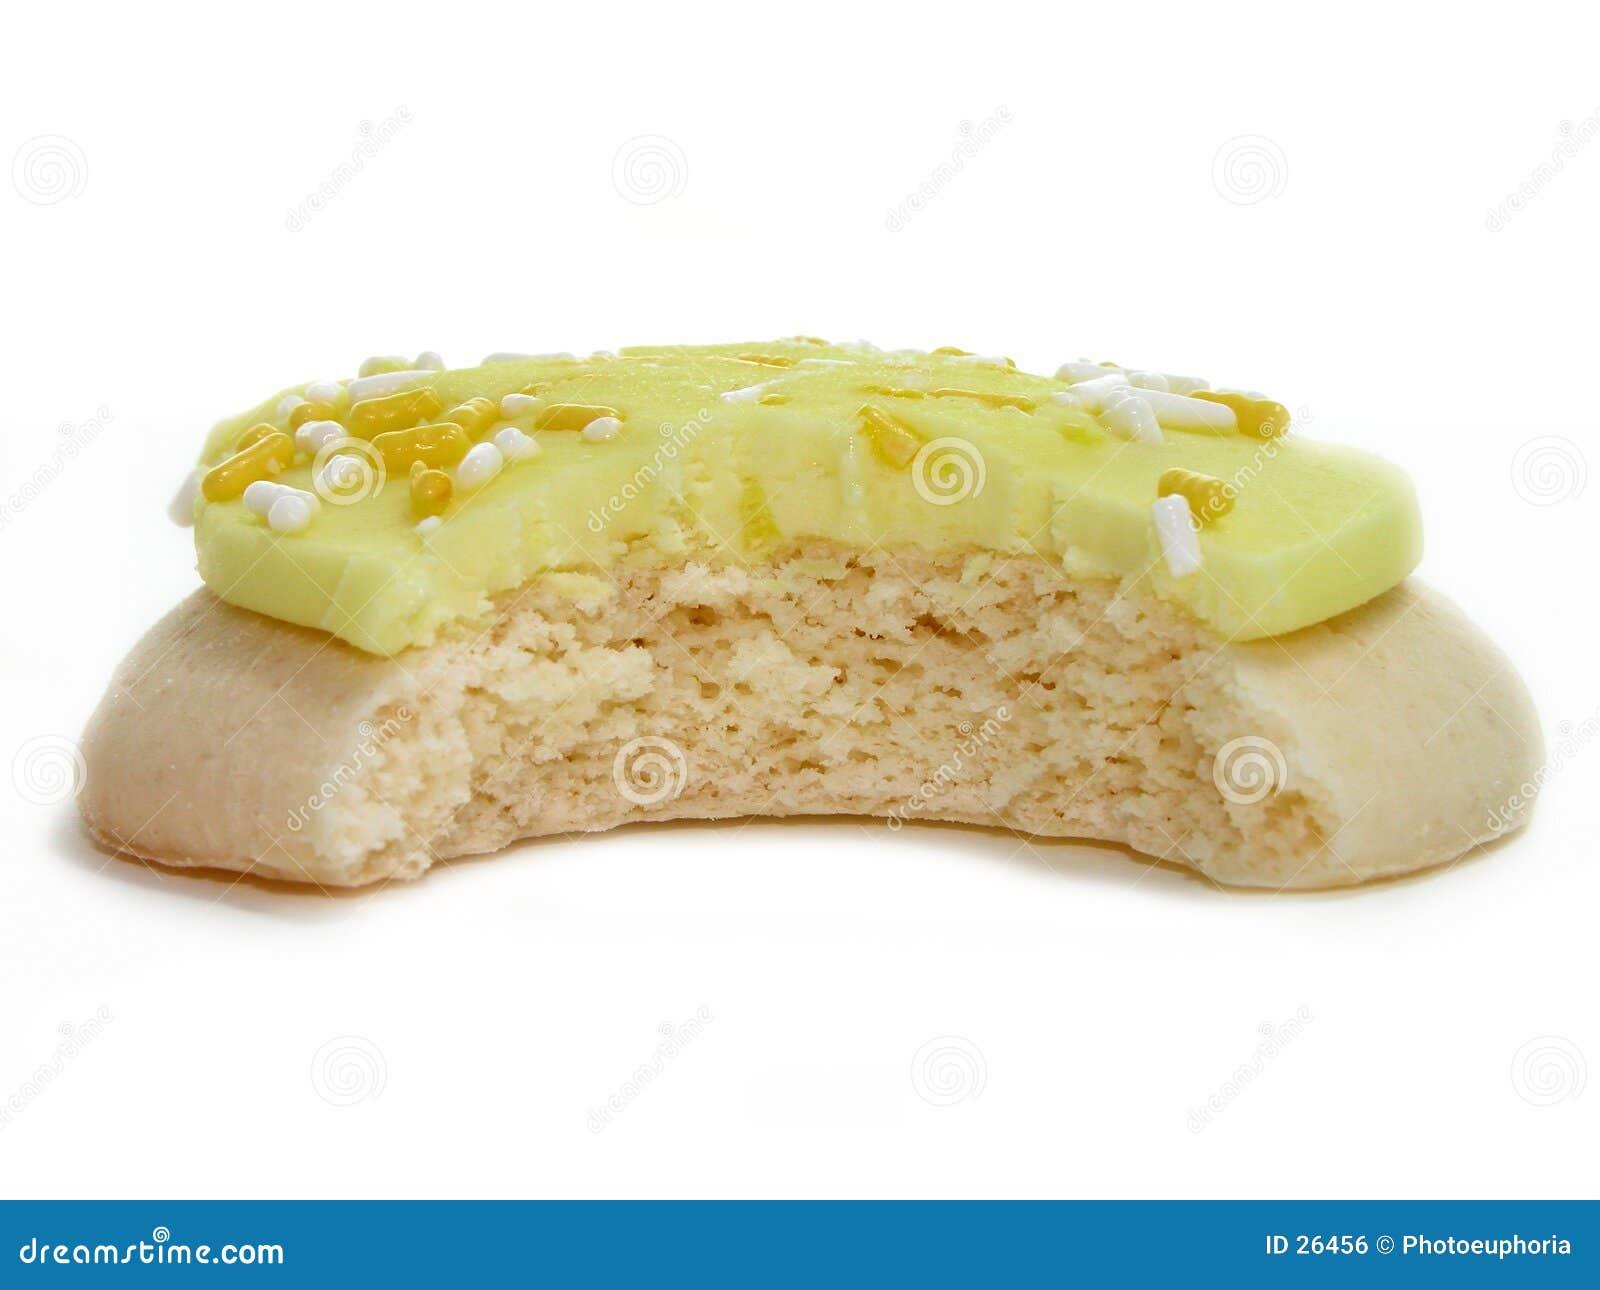 叮咬带出去的曲奇饼柠檬